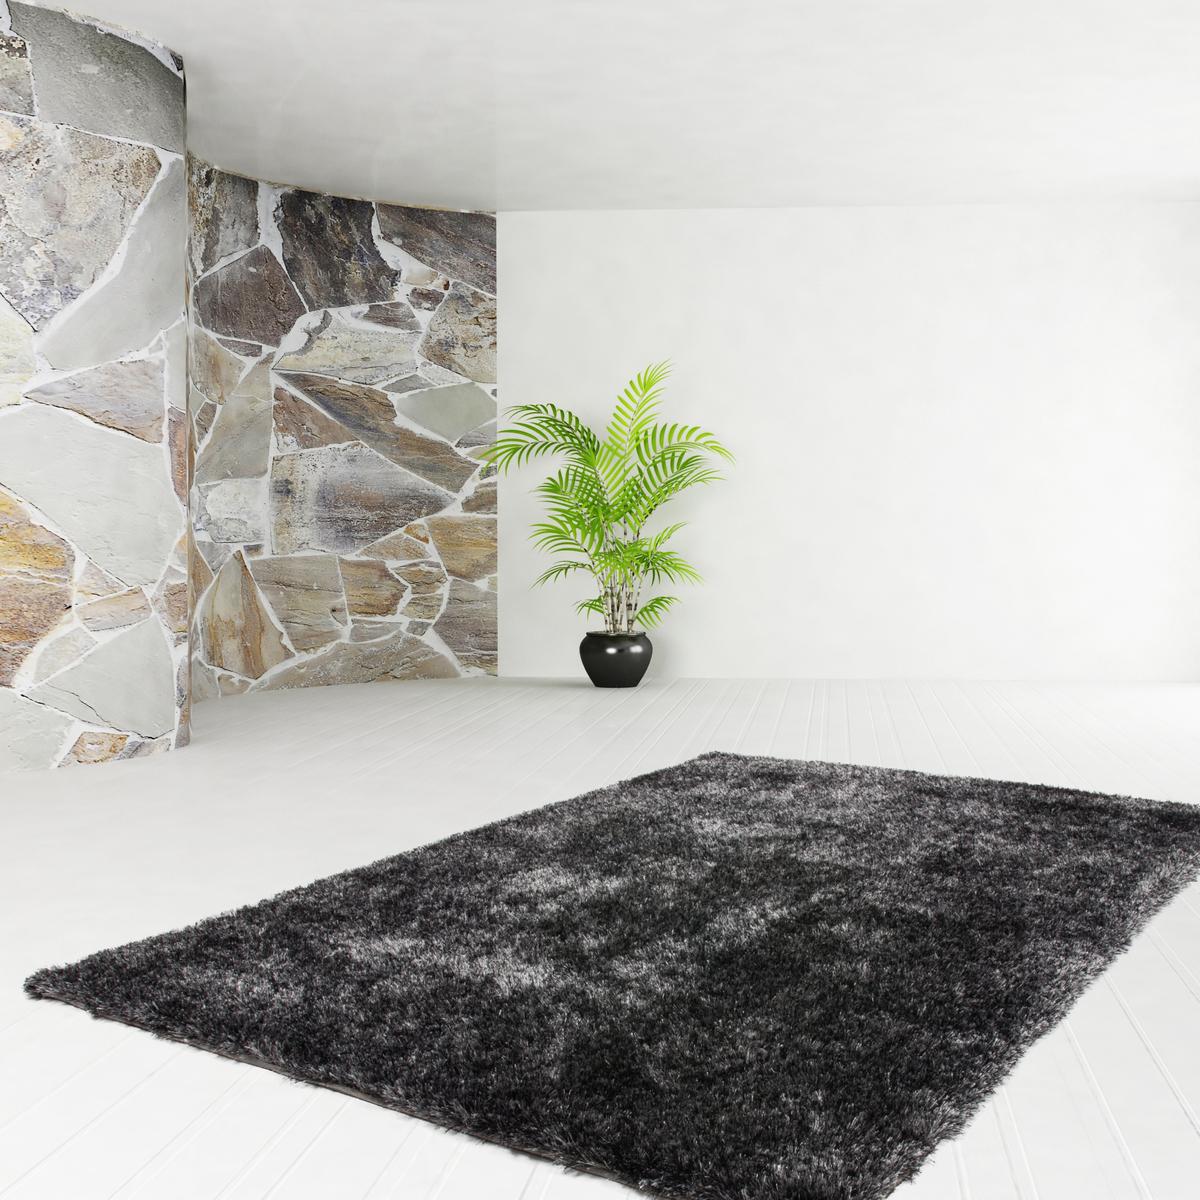 160x230 teppich diamond anthrazit - Anthrazit teppich ...